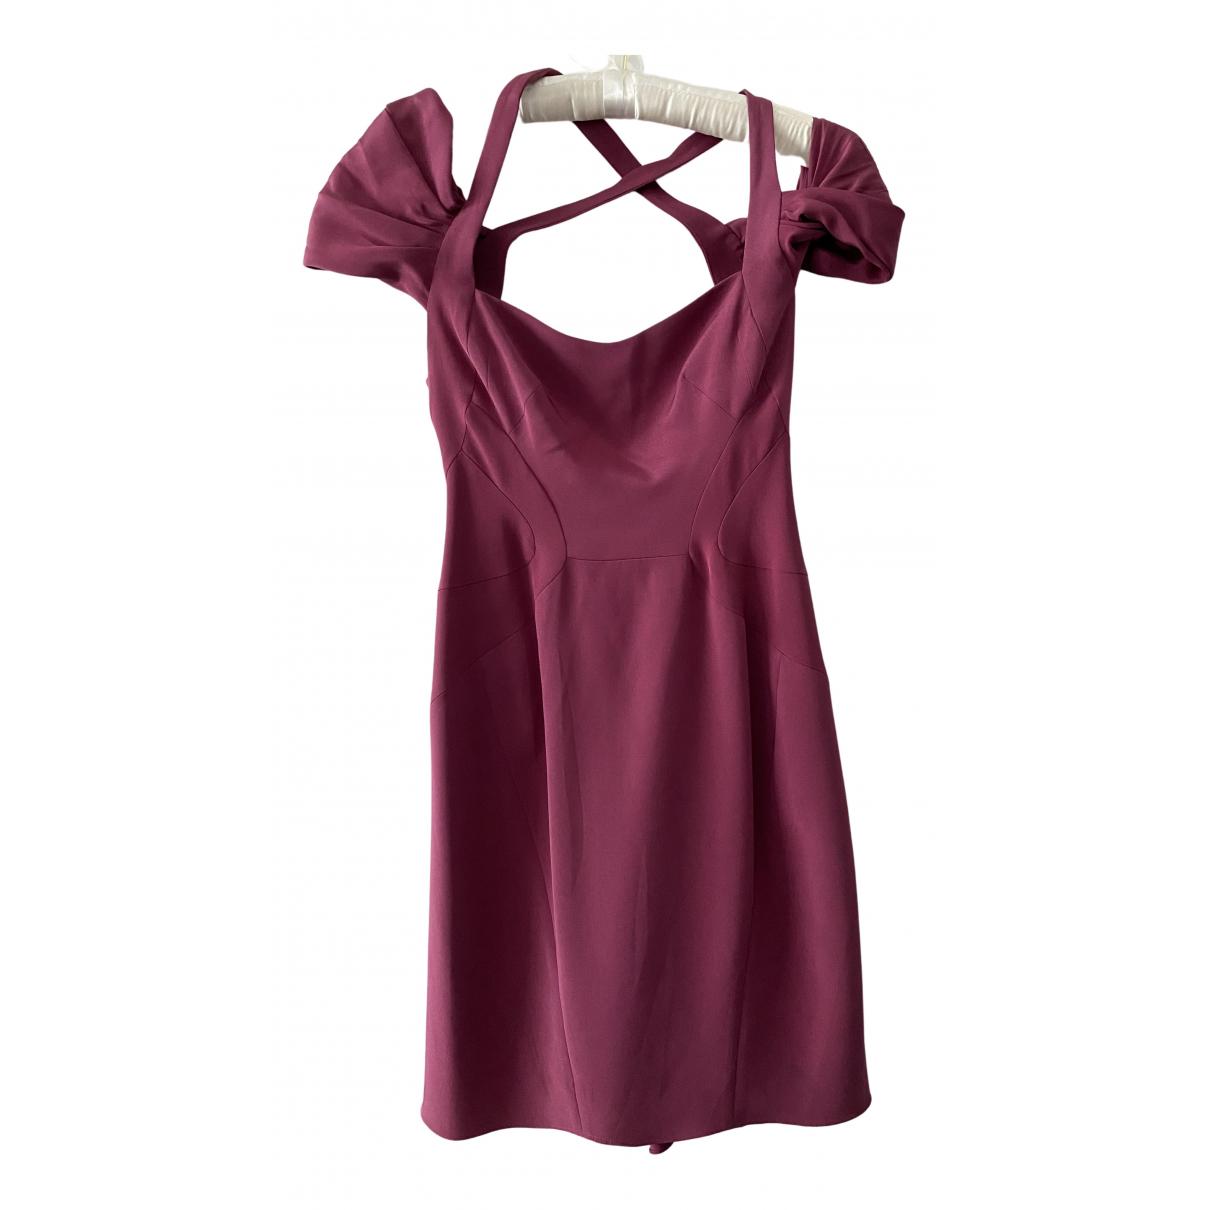 Zac Posen \N Kleid in  Lila Seide